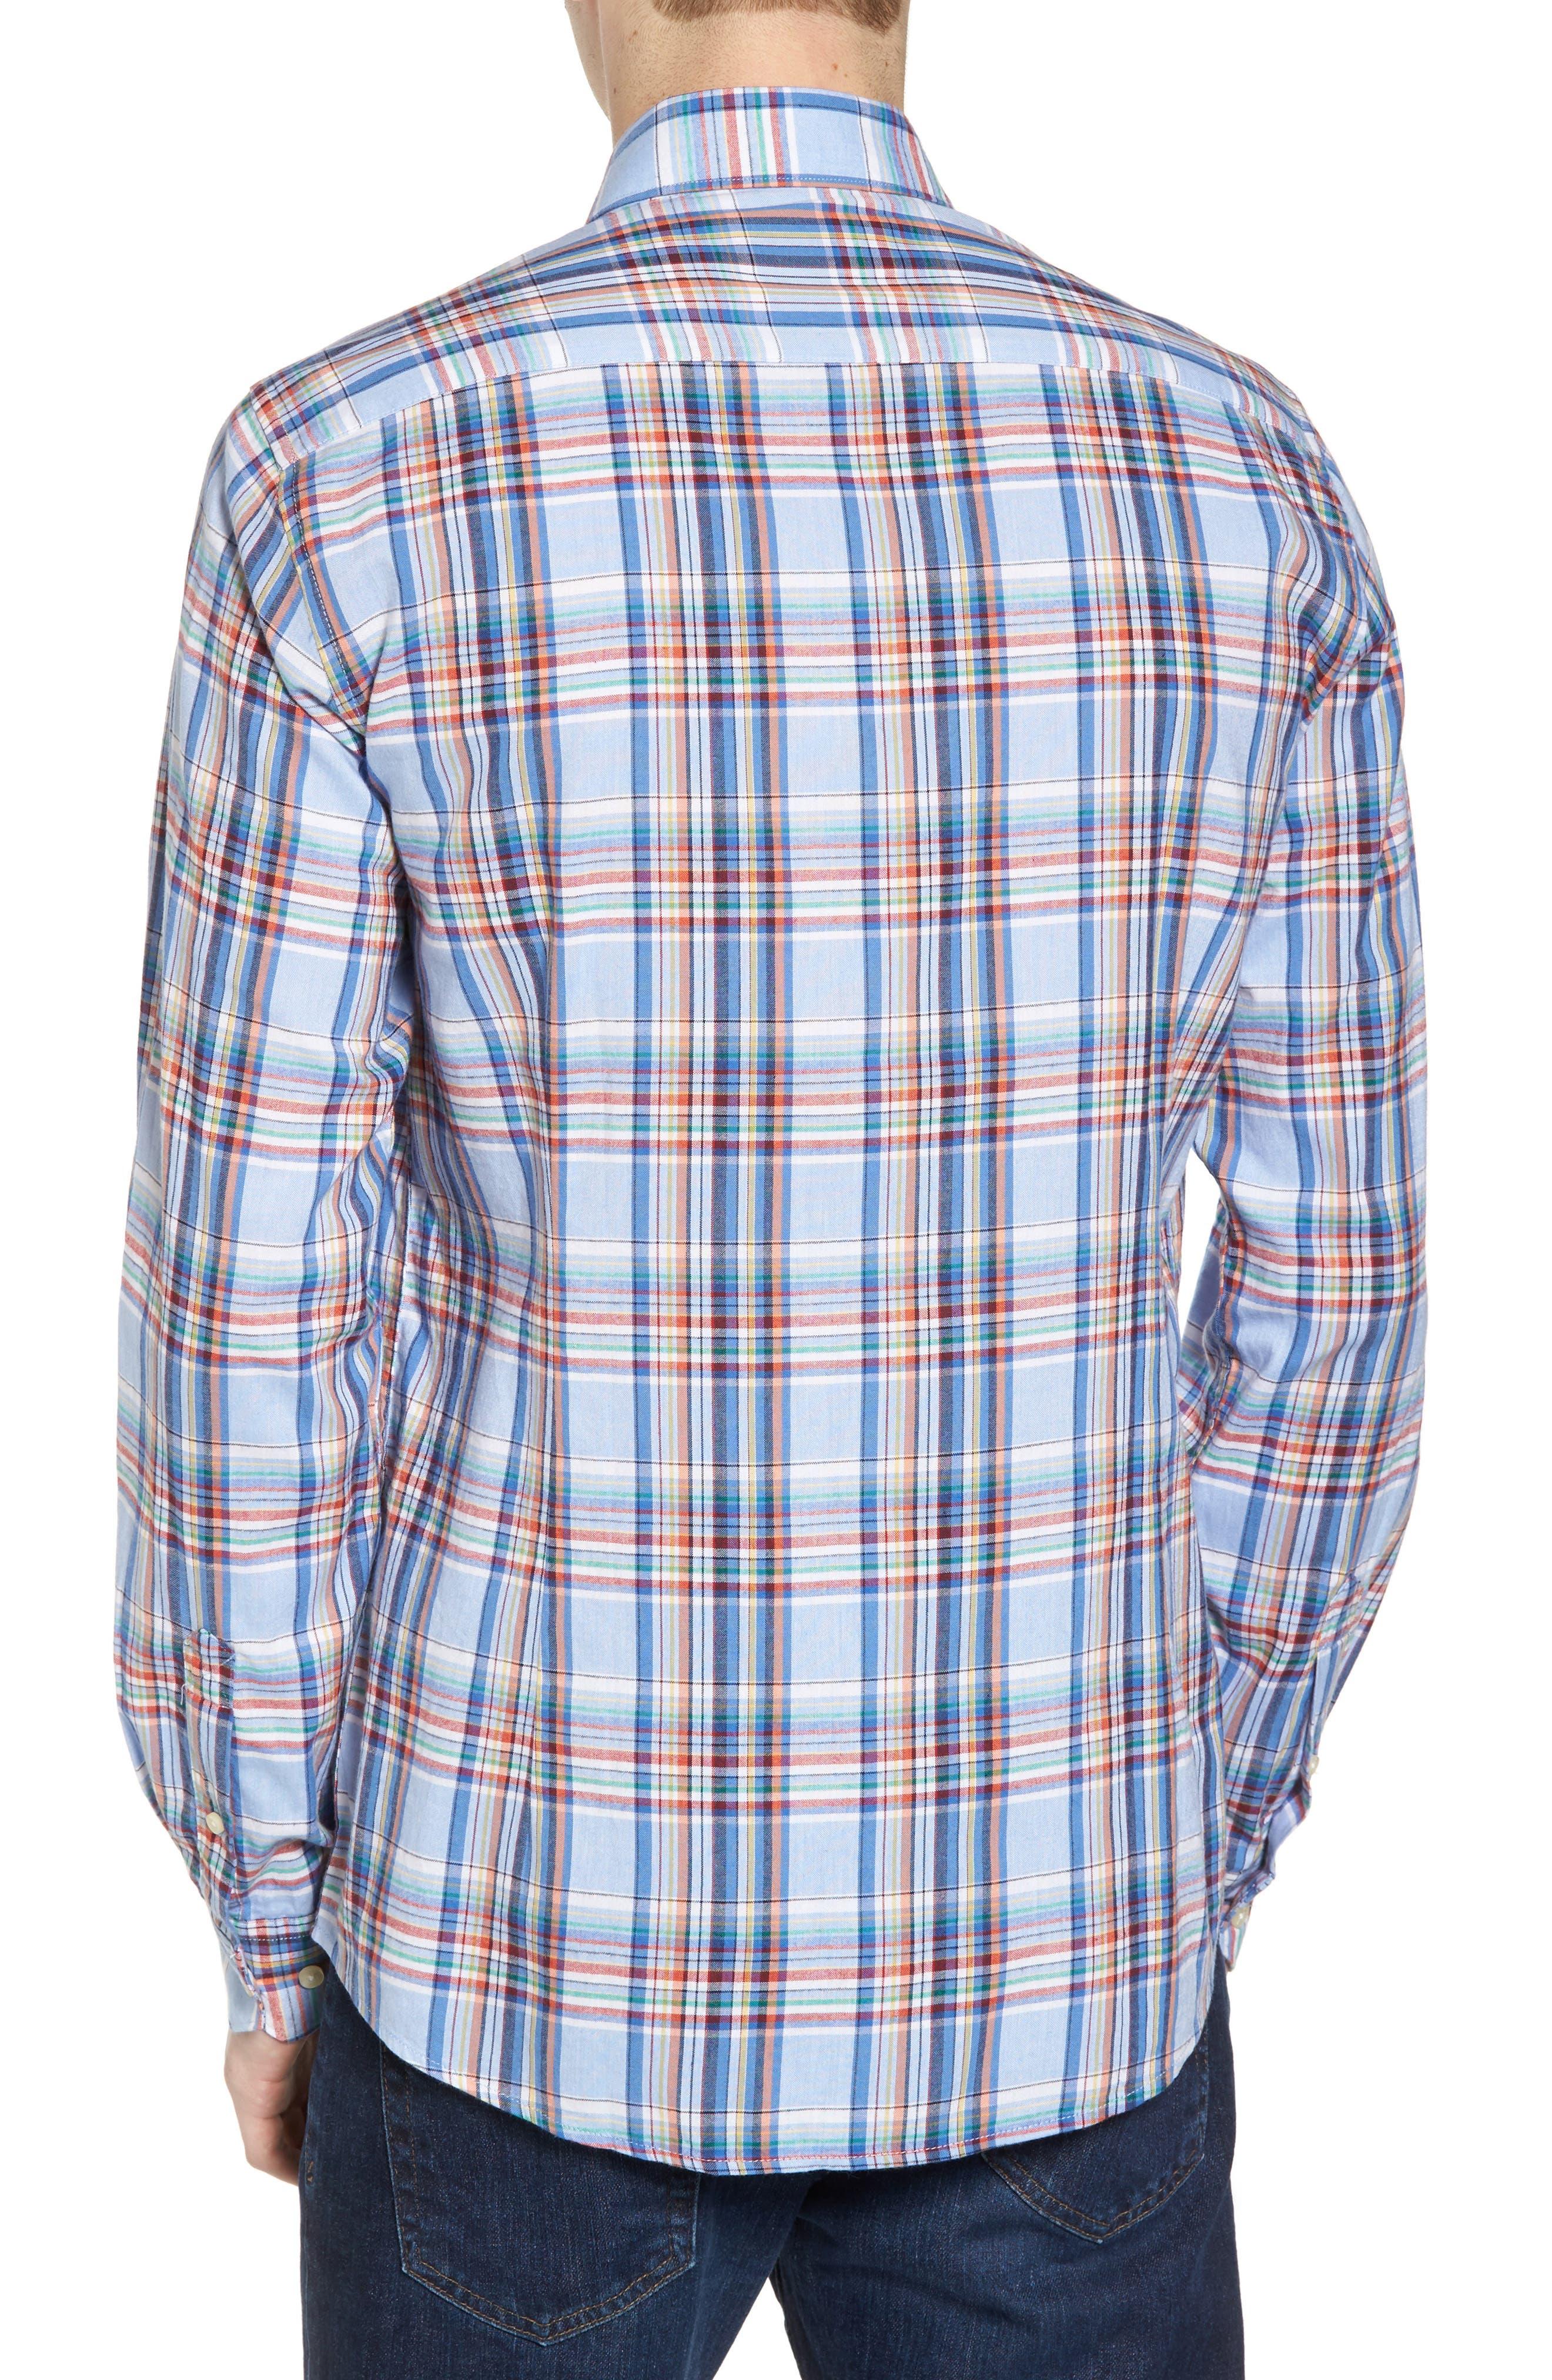 Bram Trim Fit Plaid Sport Shirt,                             Alternate thumbnail 2, color,                             450